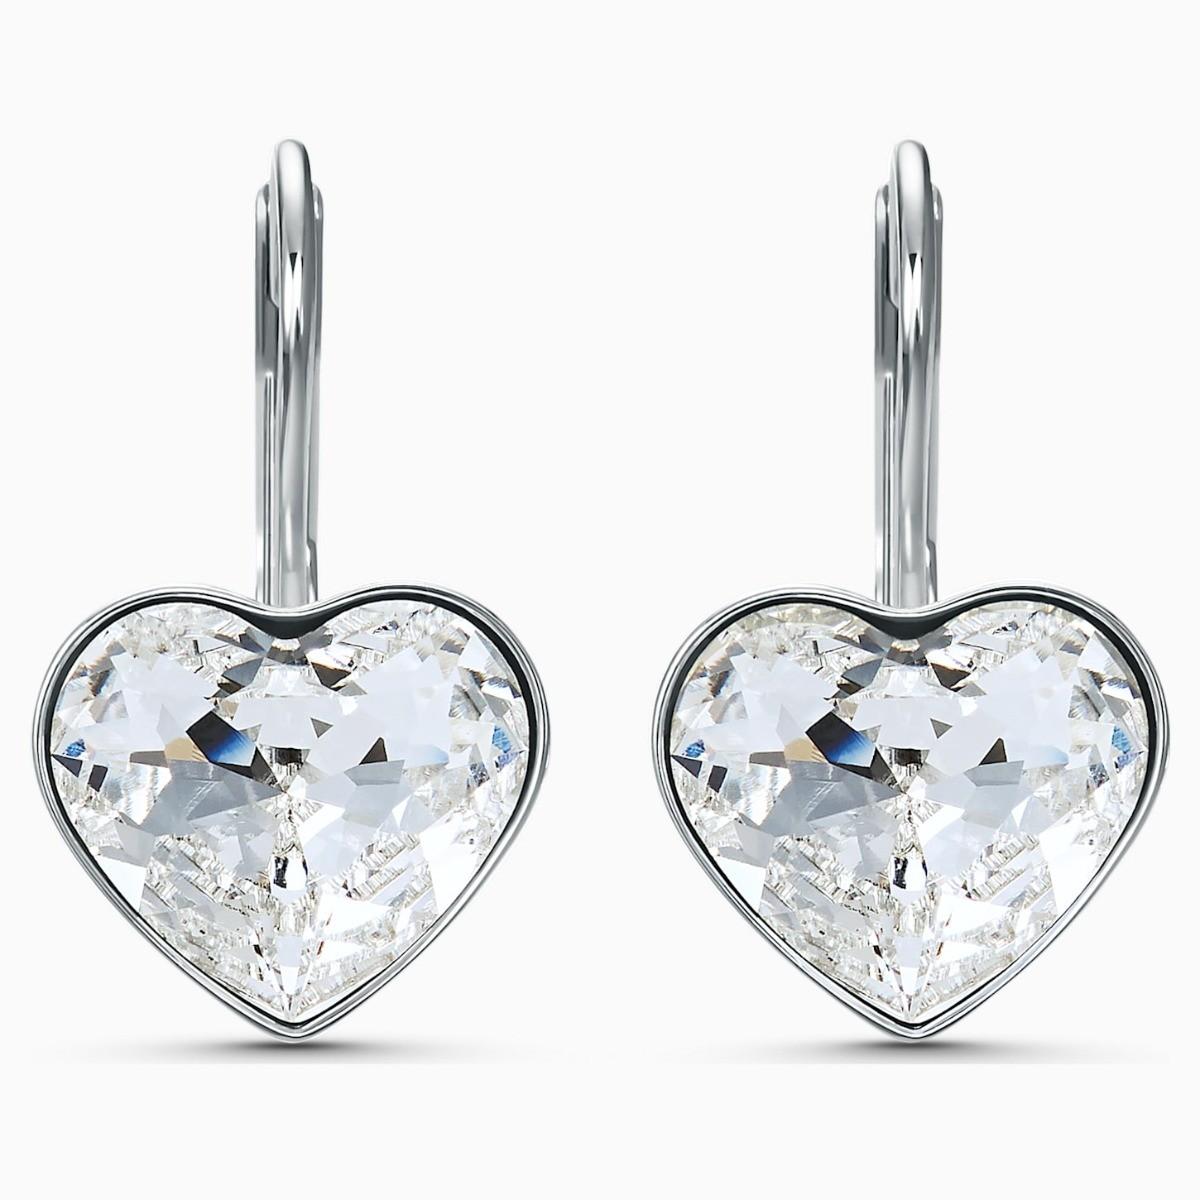 Swarovski Silver BELLA HEART EARRINGS